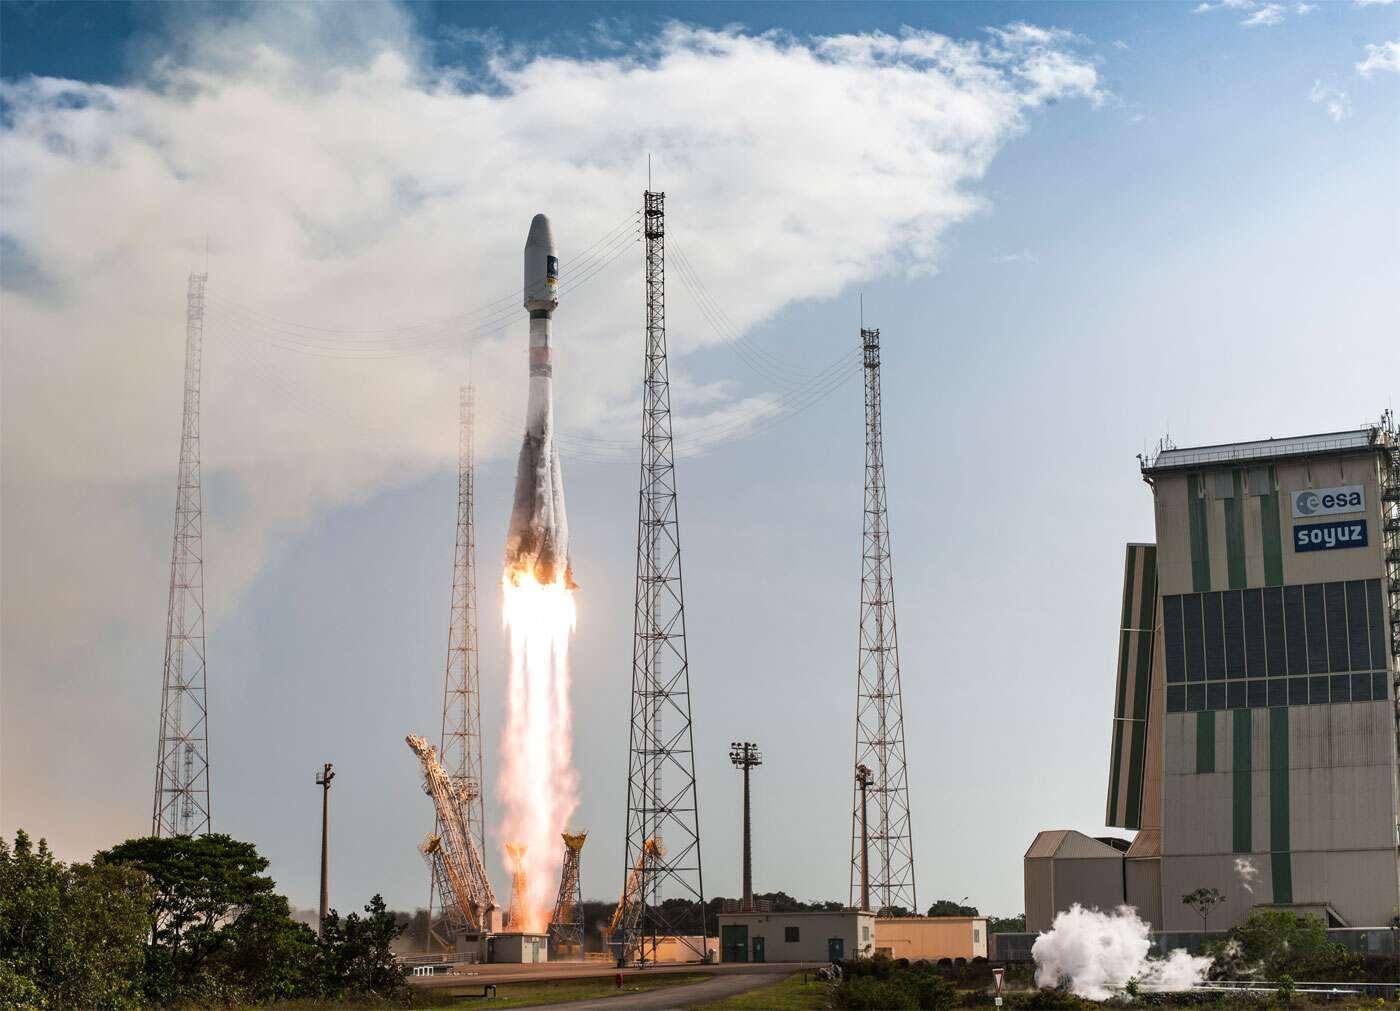 Le lanceur Soyouz au décollage, le 17 décembre 2015, avec à son bord les satellites Galileo 11 et 12. © Esa, Cnes, Arianespace, service optique CSG